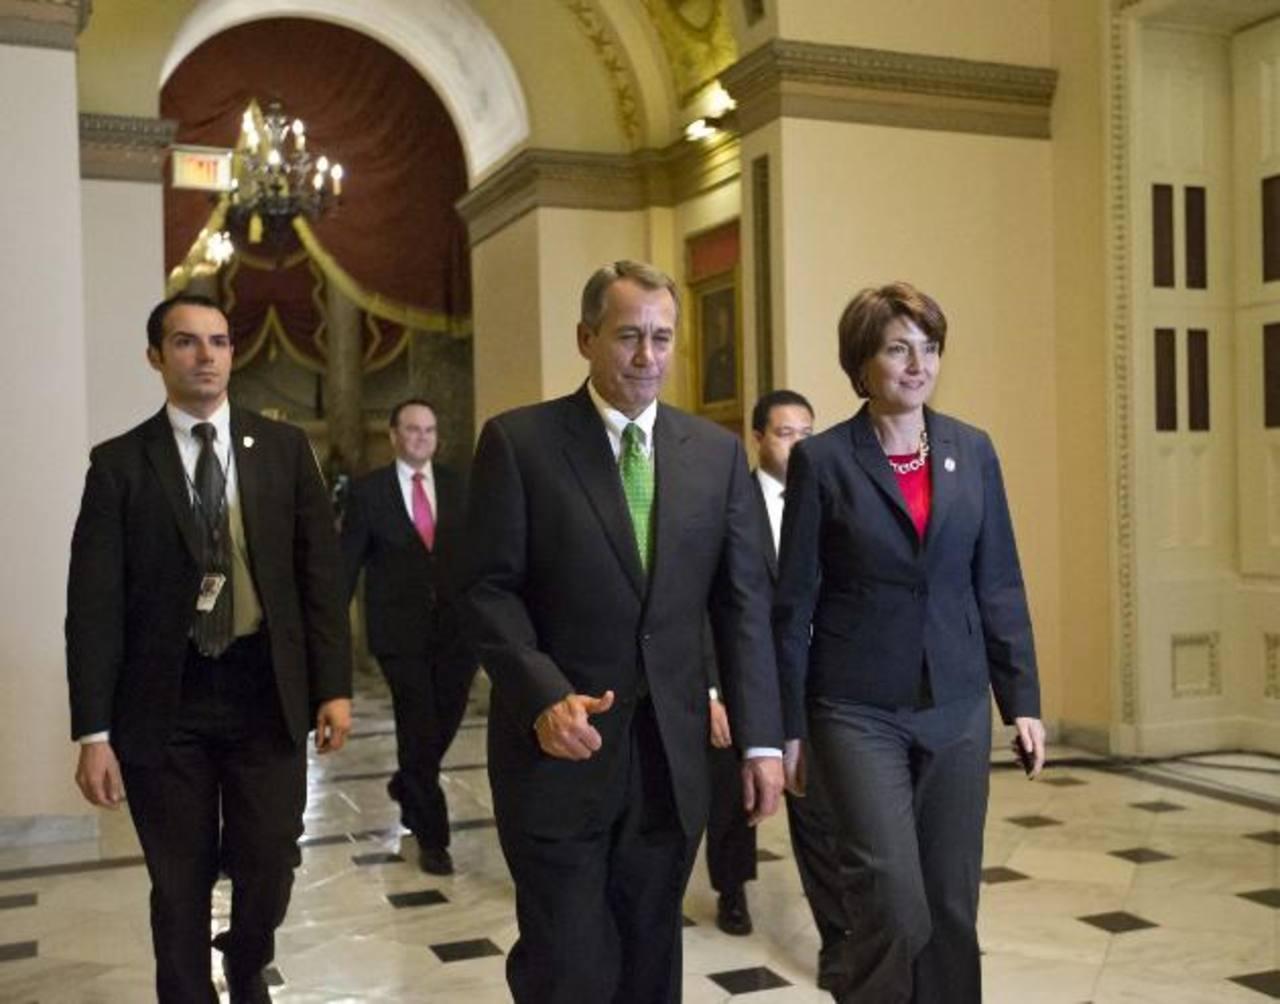 El líder de la Cámara de Representantes, John Boehner, quien es clave en las negociaciones con Obama. foto edh/archivo